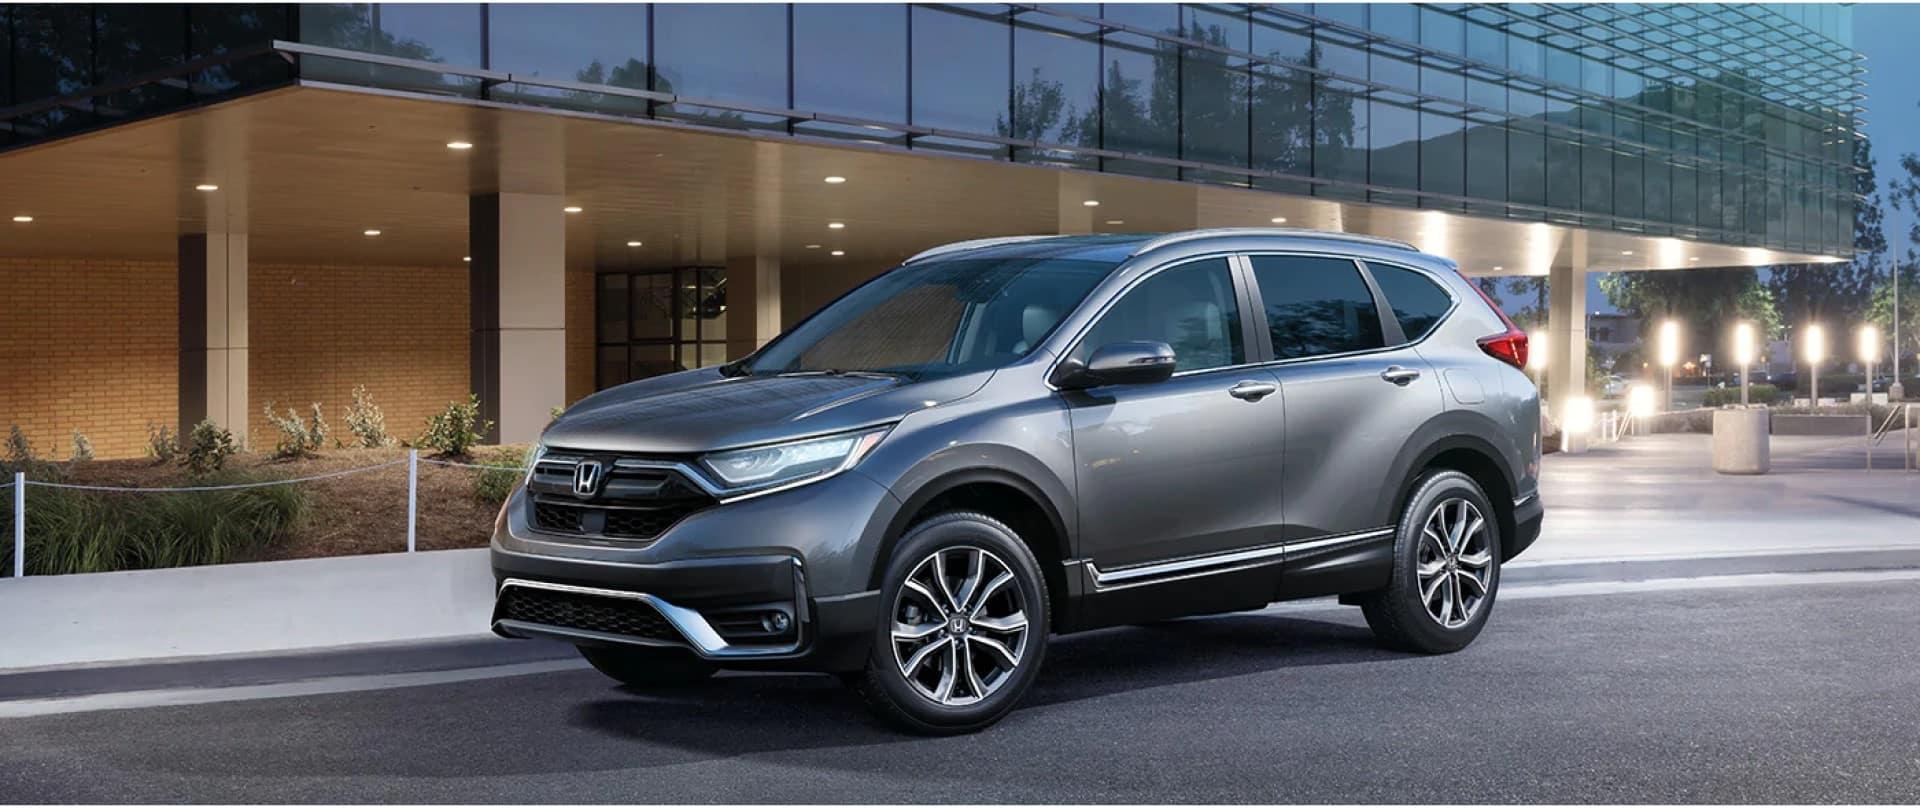 Honda_CR-V_Parked